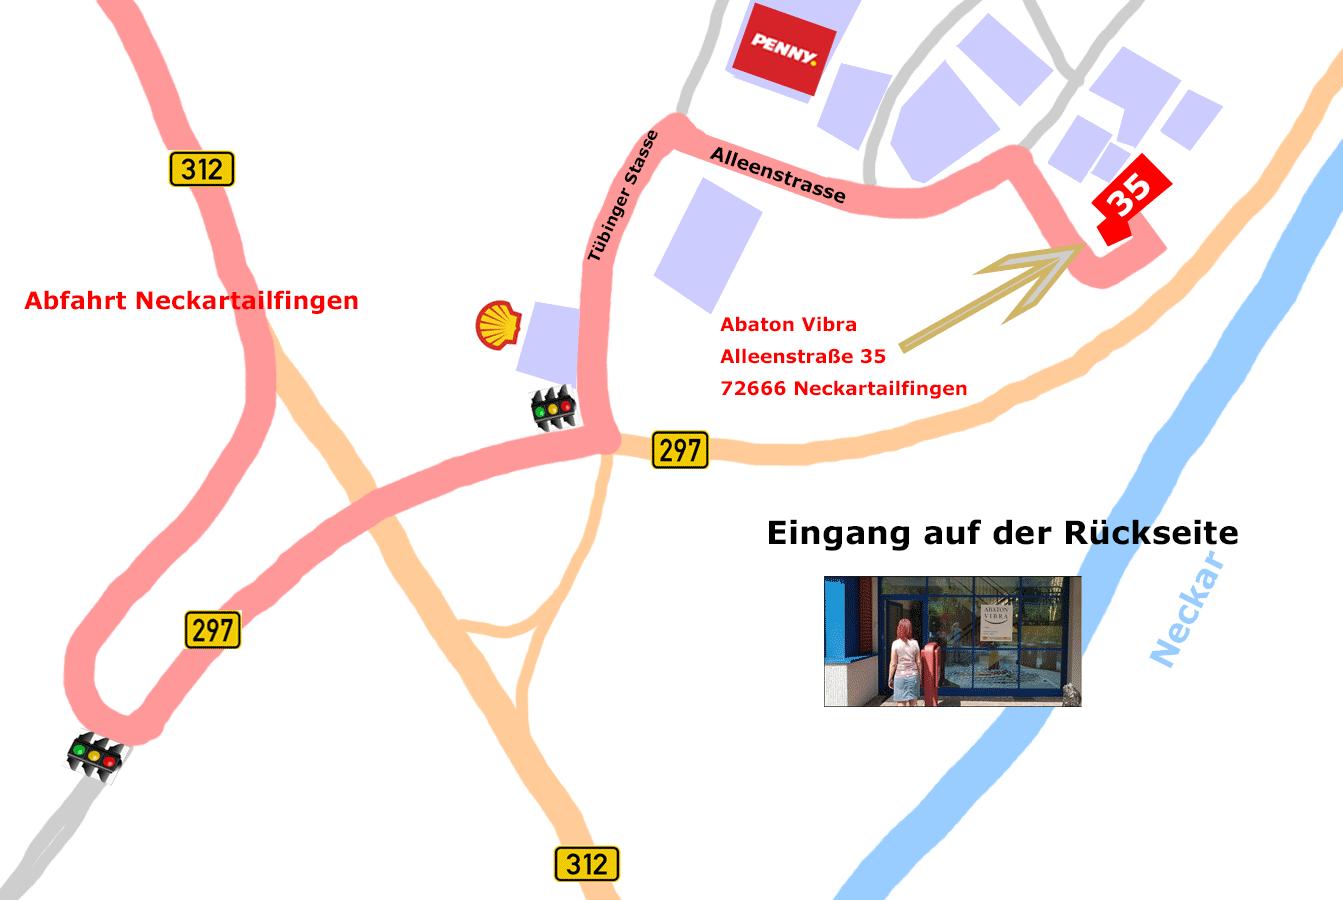 Neckartaiflingen im Detail